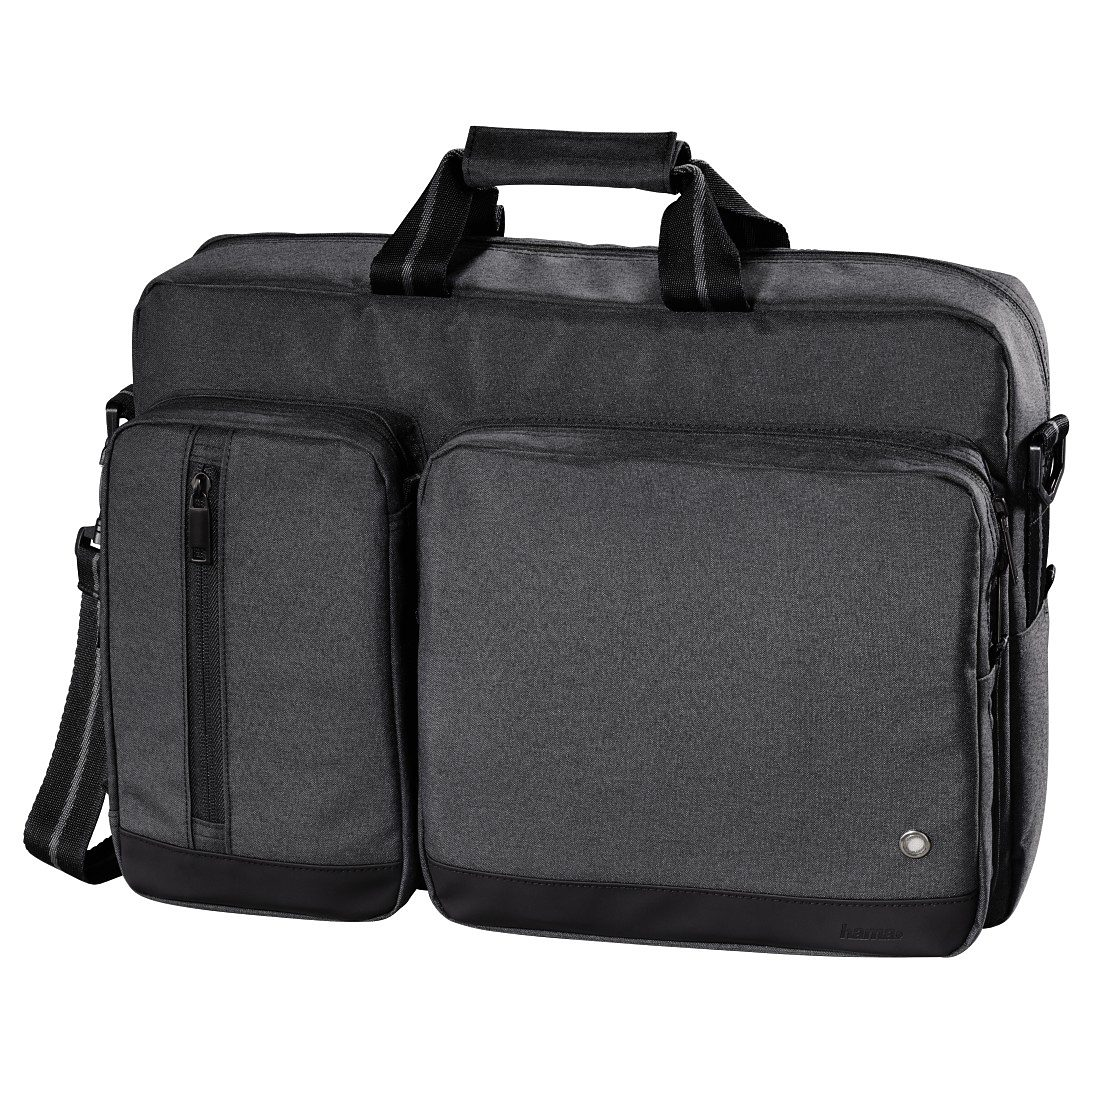 Hama Notebooktasche, Laptoptasche bis 36 cm (14,1 Zoll) »Freizeittasche mit Laptopfach«